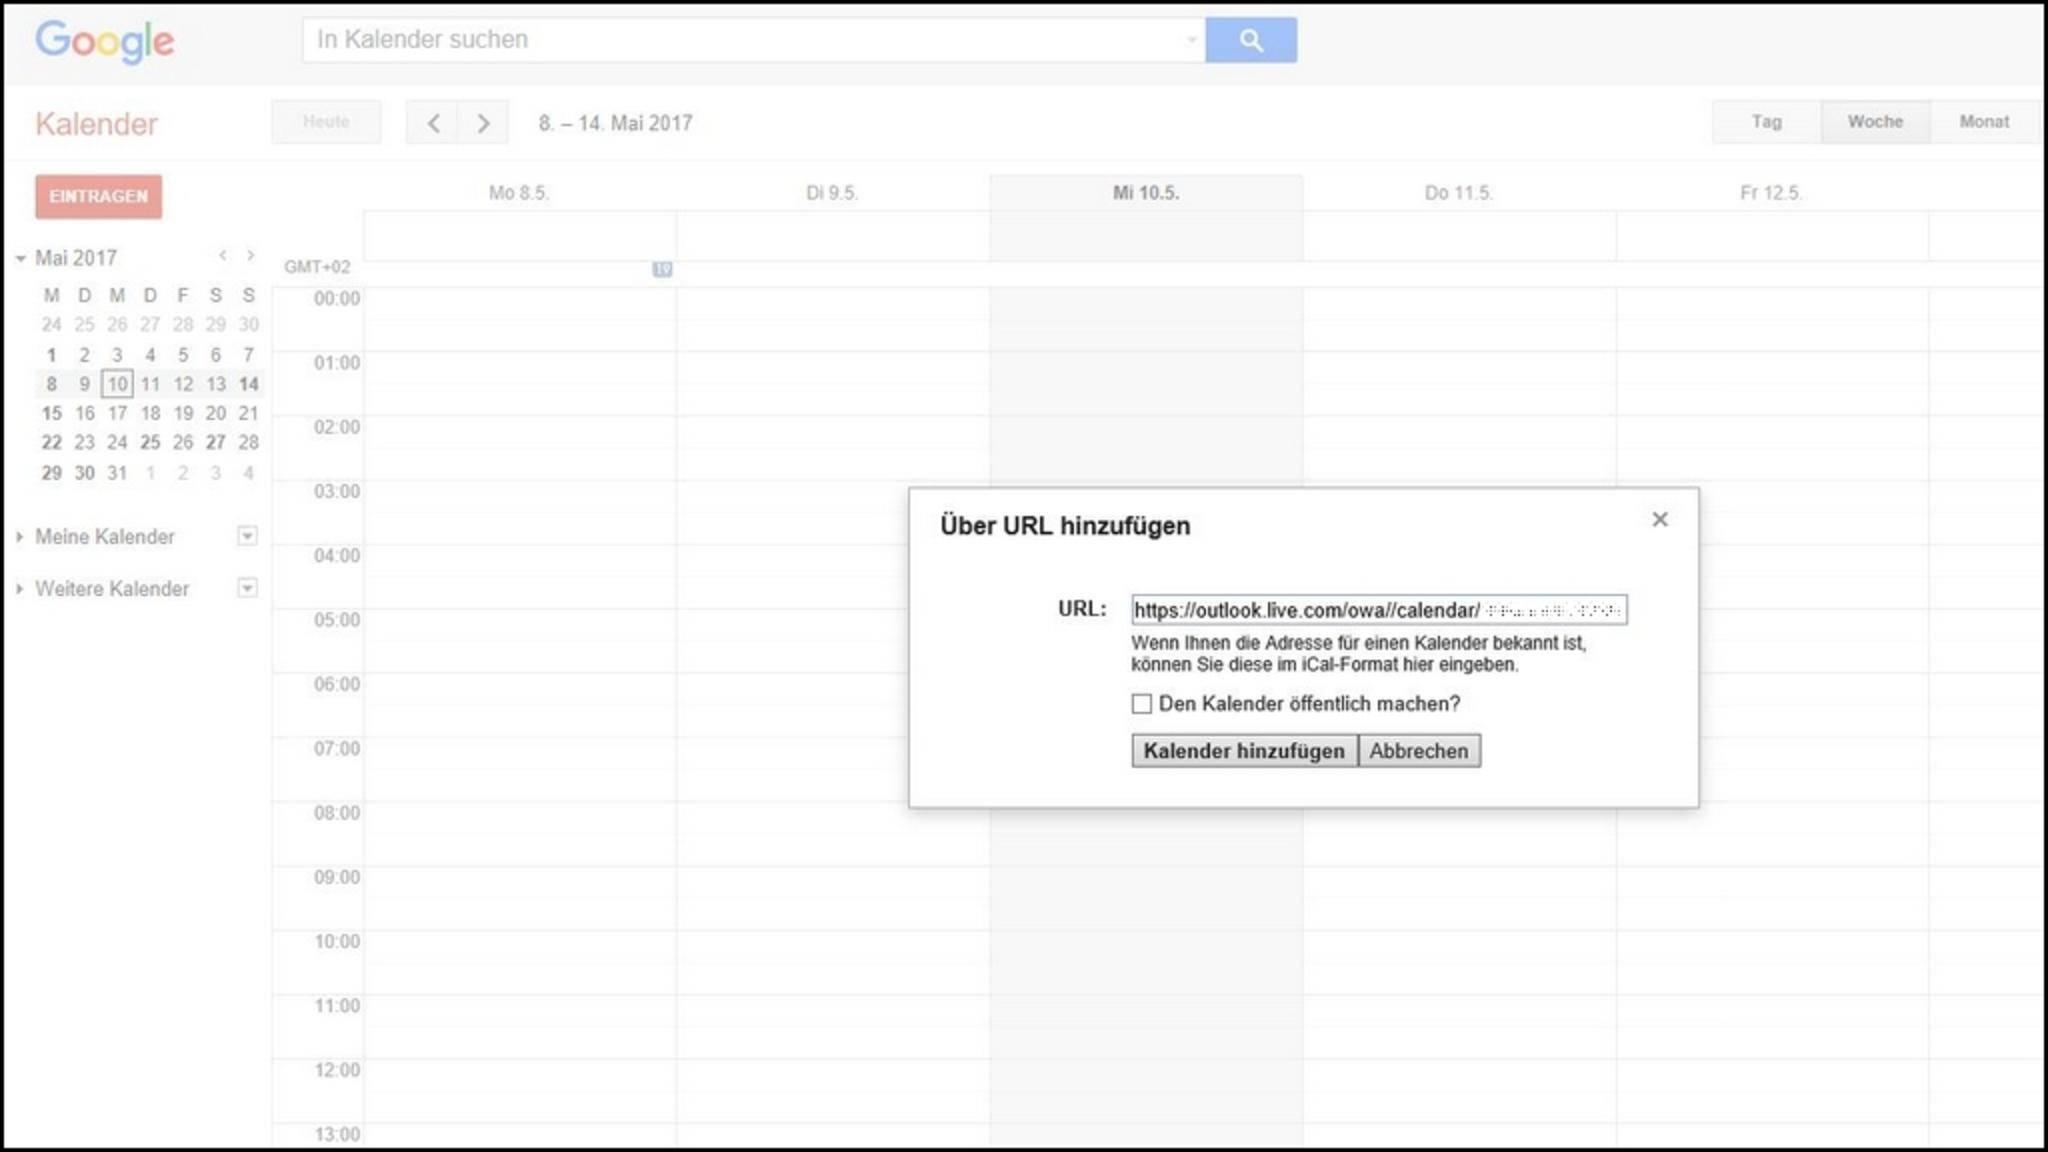 """Das Einfügen im Google-Kalender klappt unter """"Weitere Kalender > Über URL hinzufügen""""."""